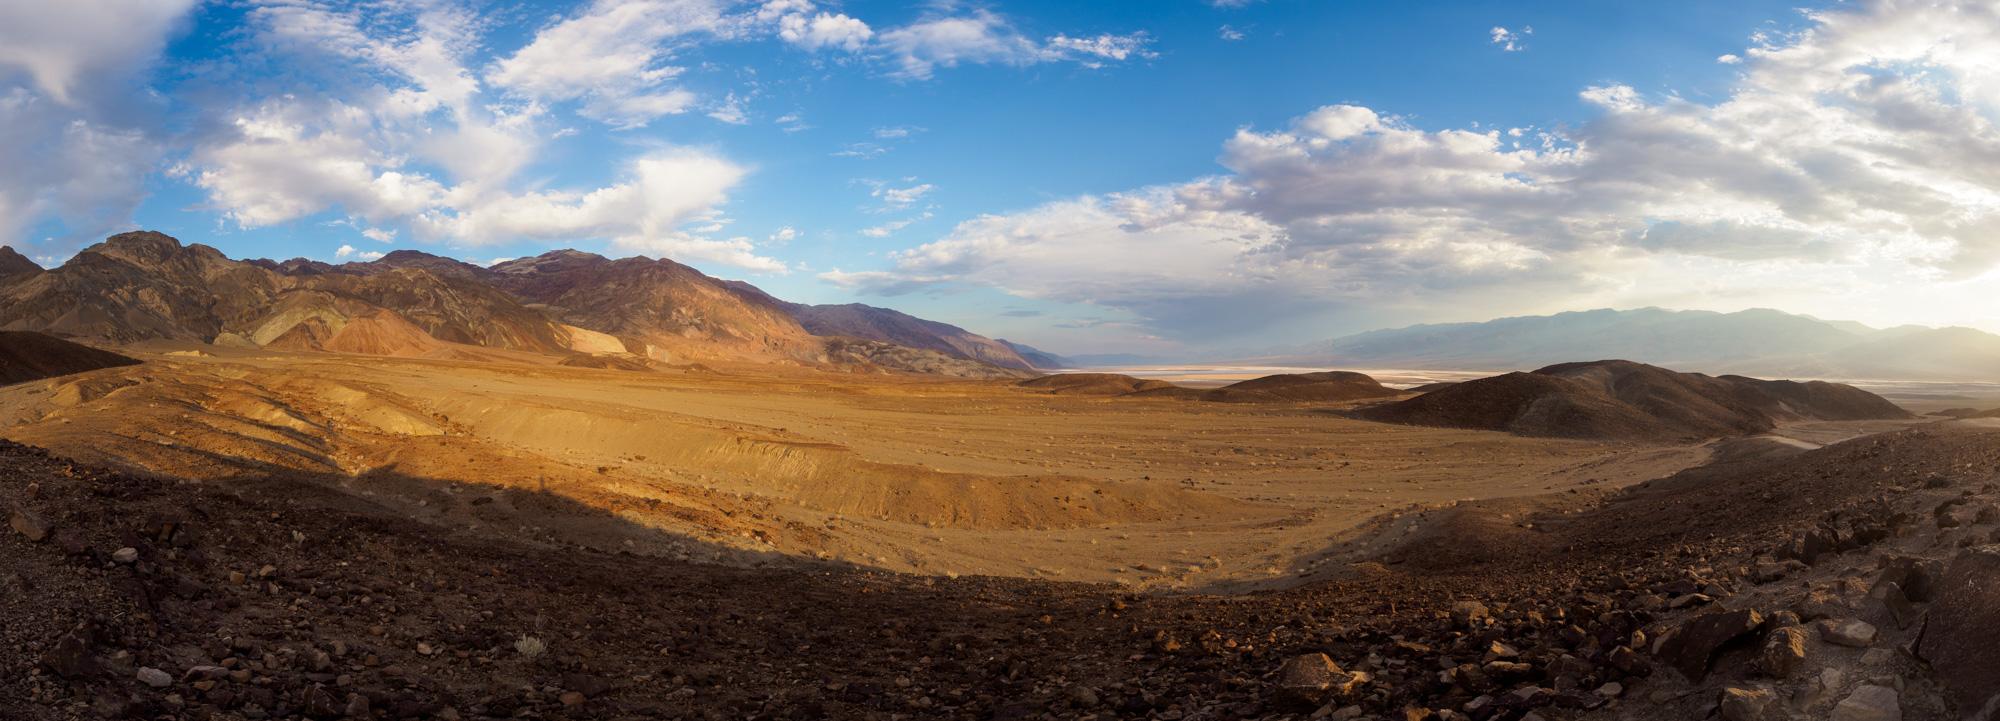 Death Valley Nationalpark - Artist Drive